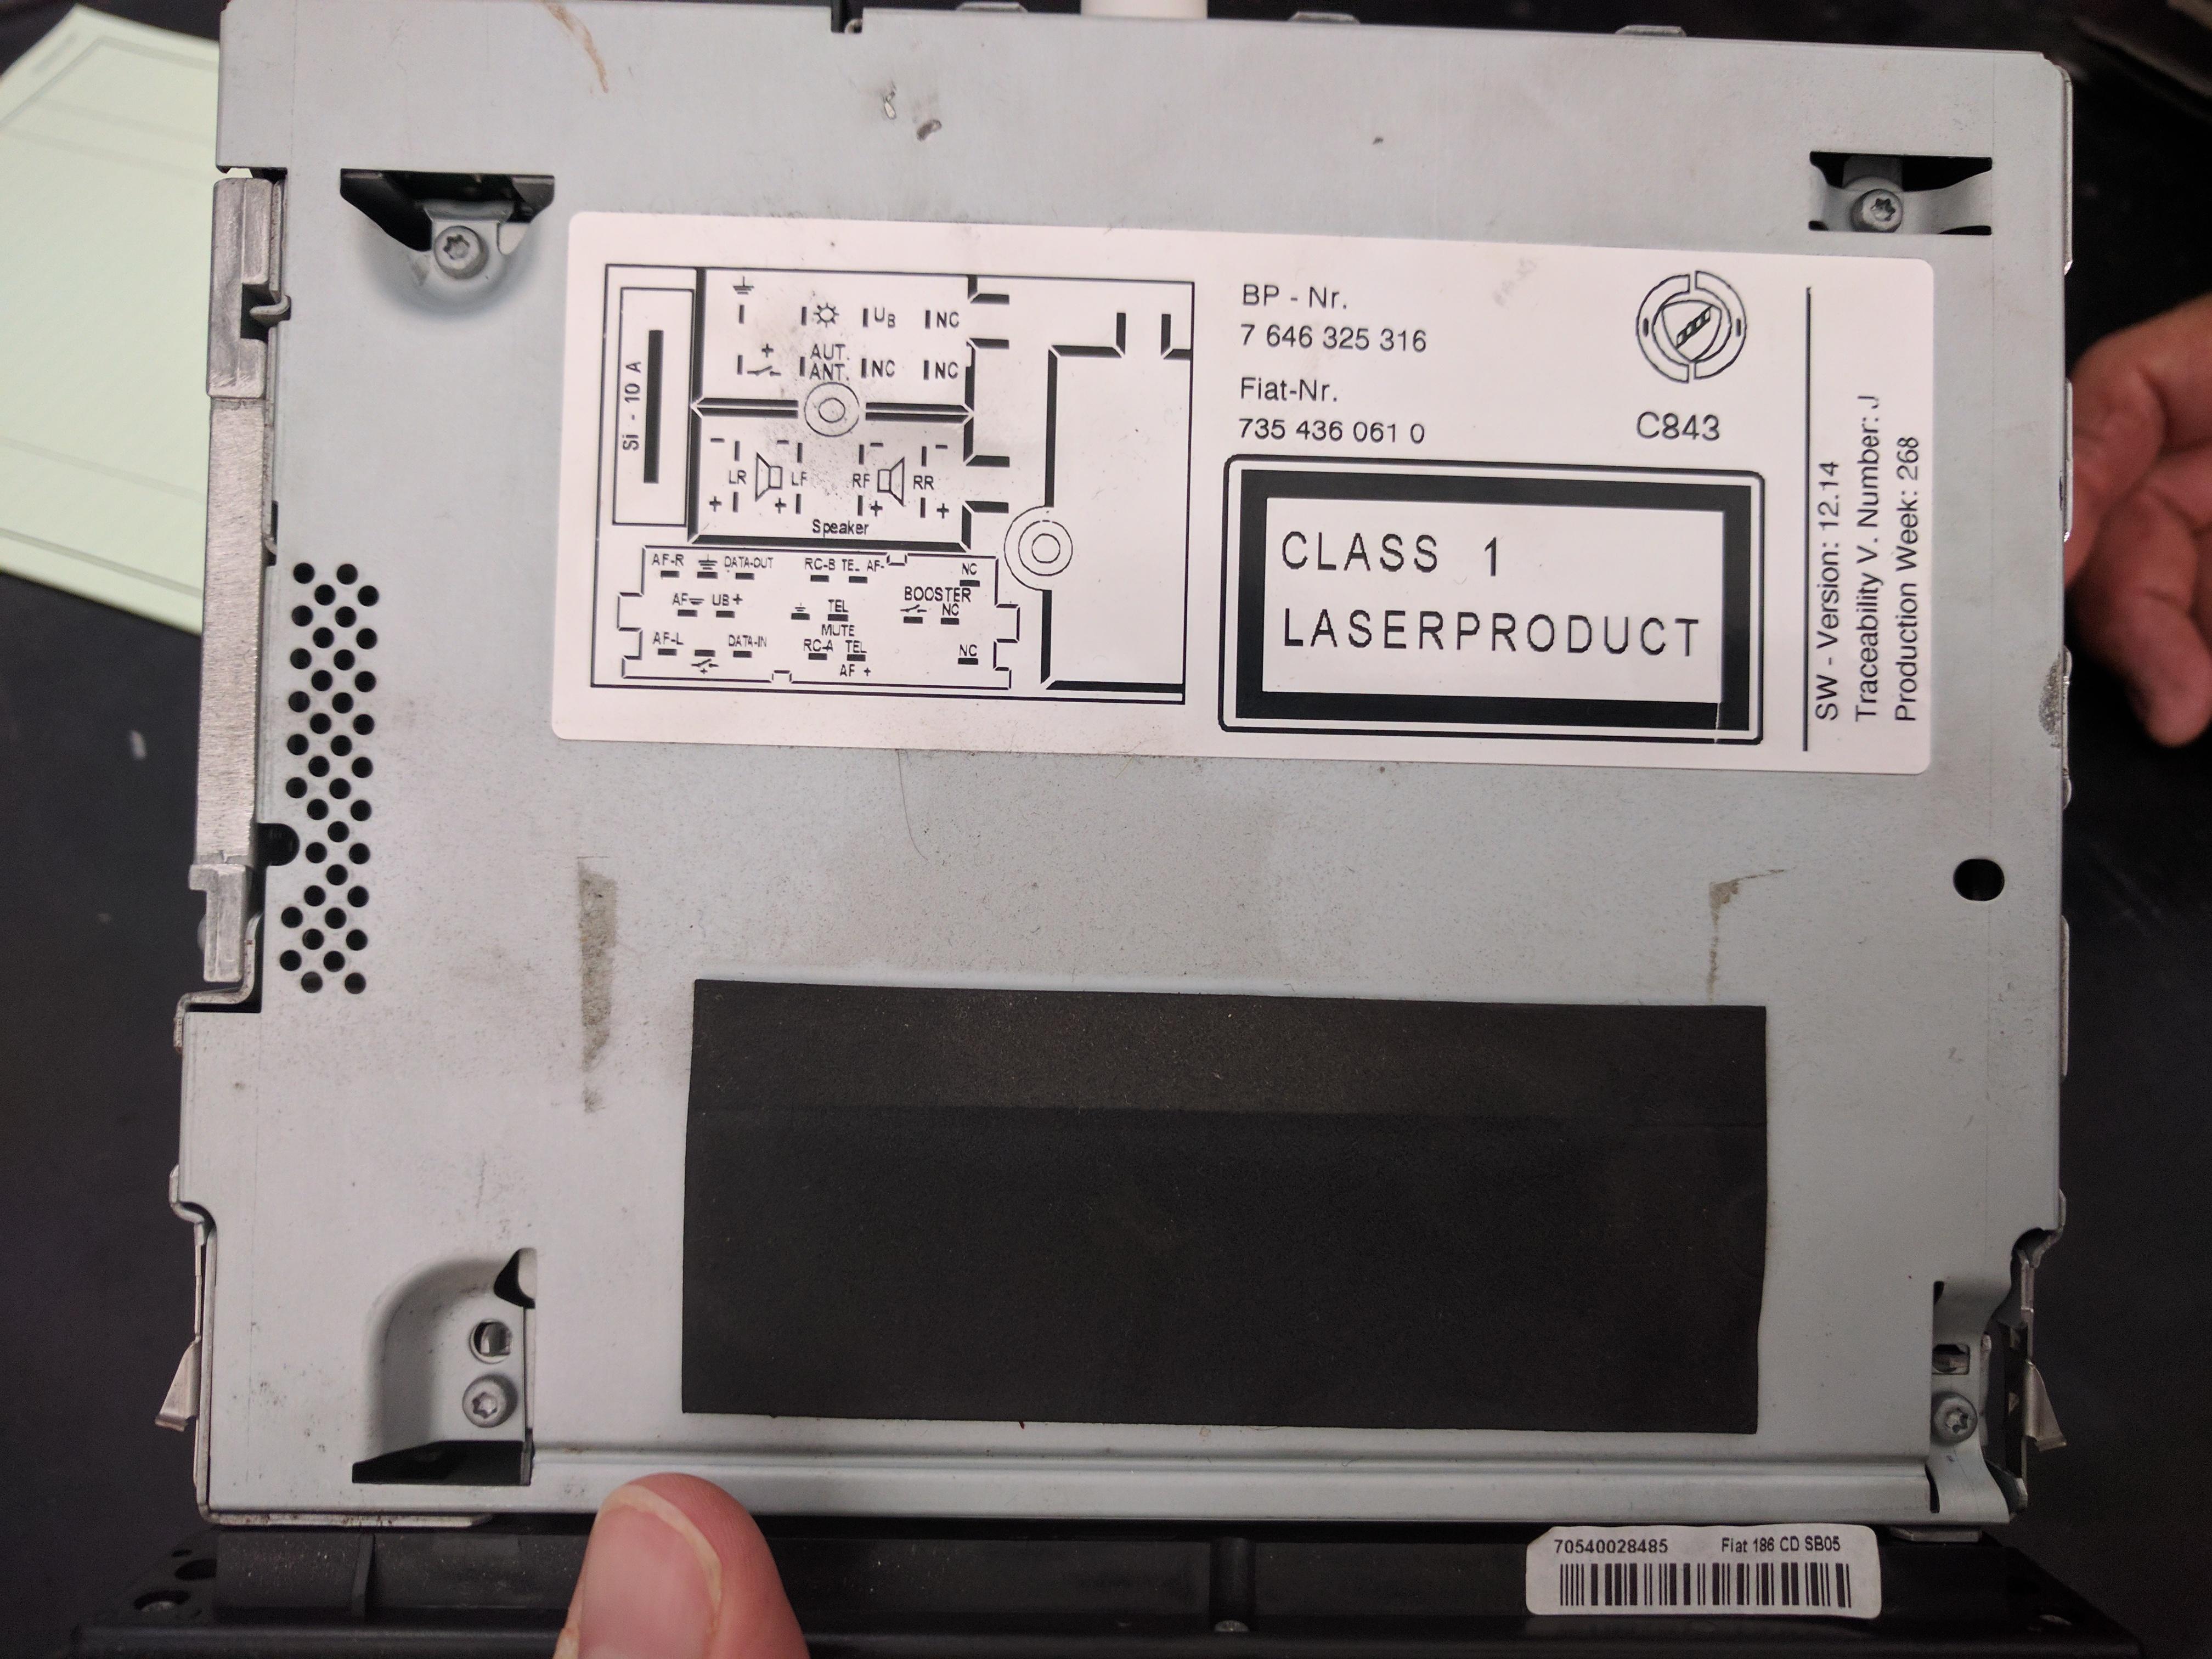 Codice Sblocco Radio Fiat Panda.Codice Sblocco Autoradio Fiat Multipla Codice Radio Etp